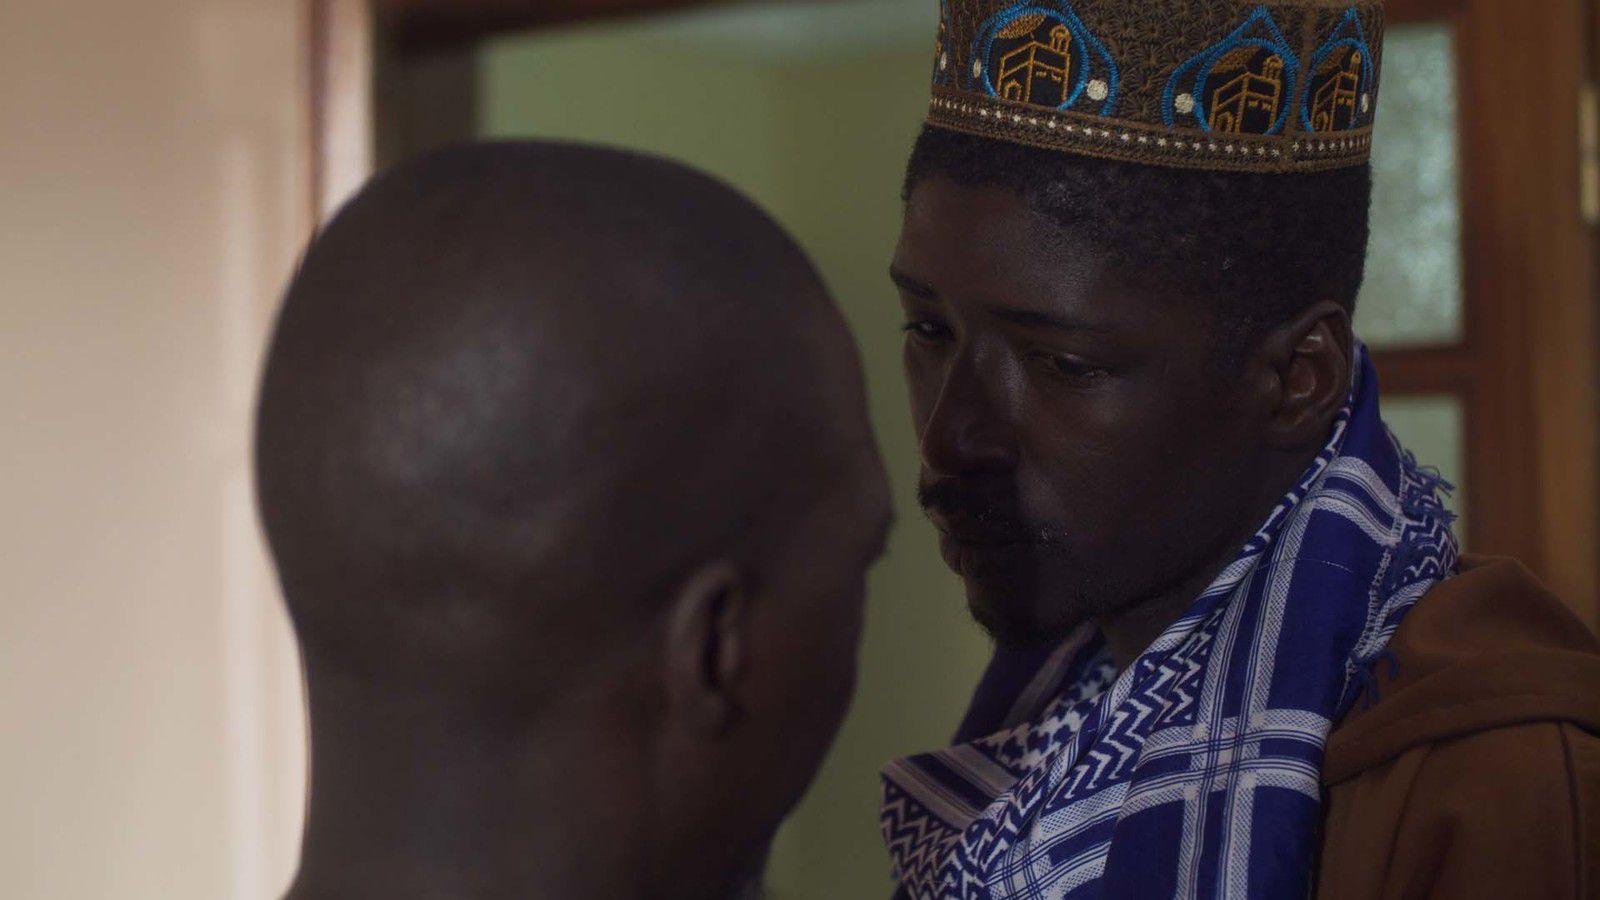 Le père de Nafi (BANDE-ANNONCE) de Mamadou Dia - Le 2 décembre 2020 au cinéma